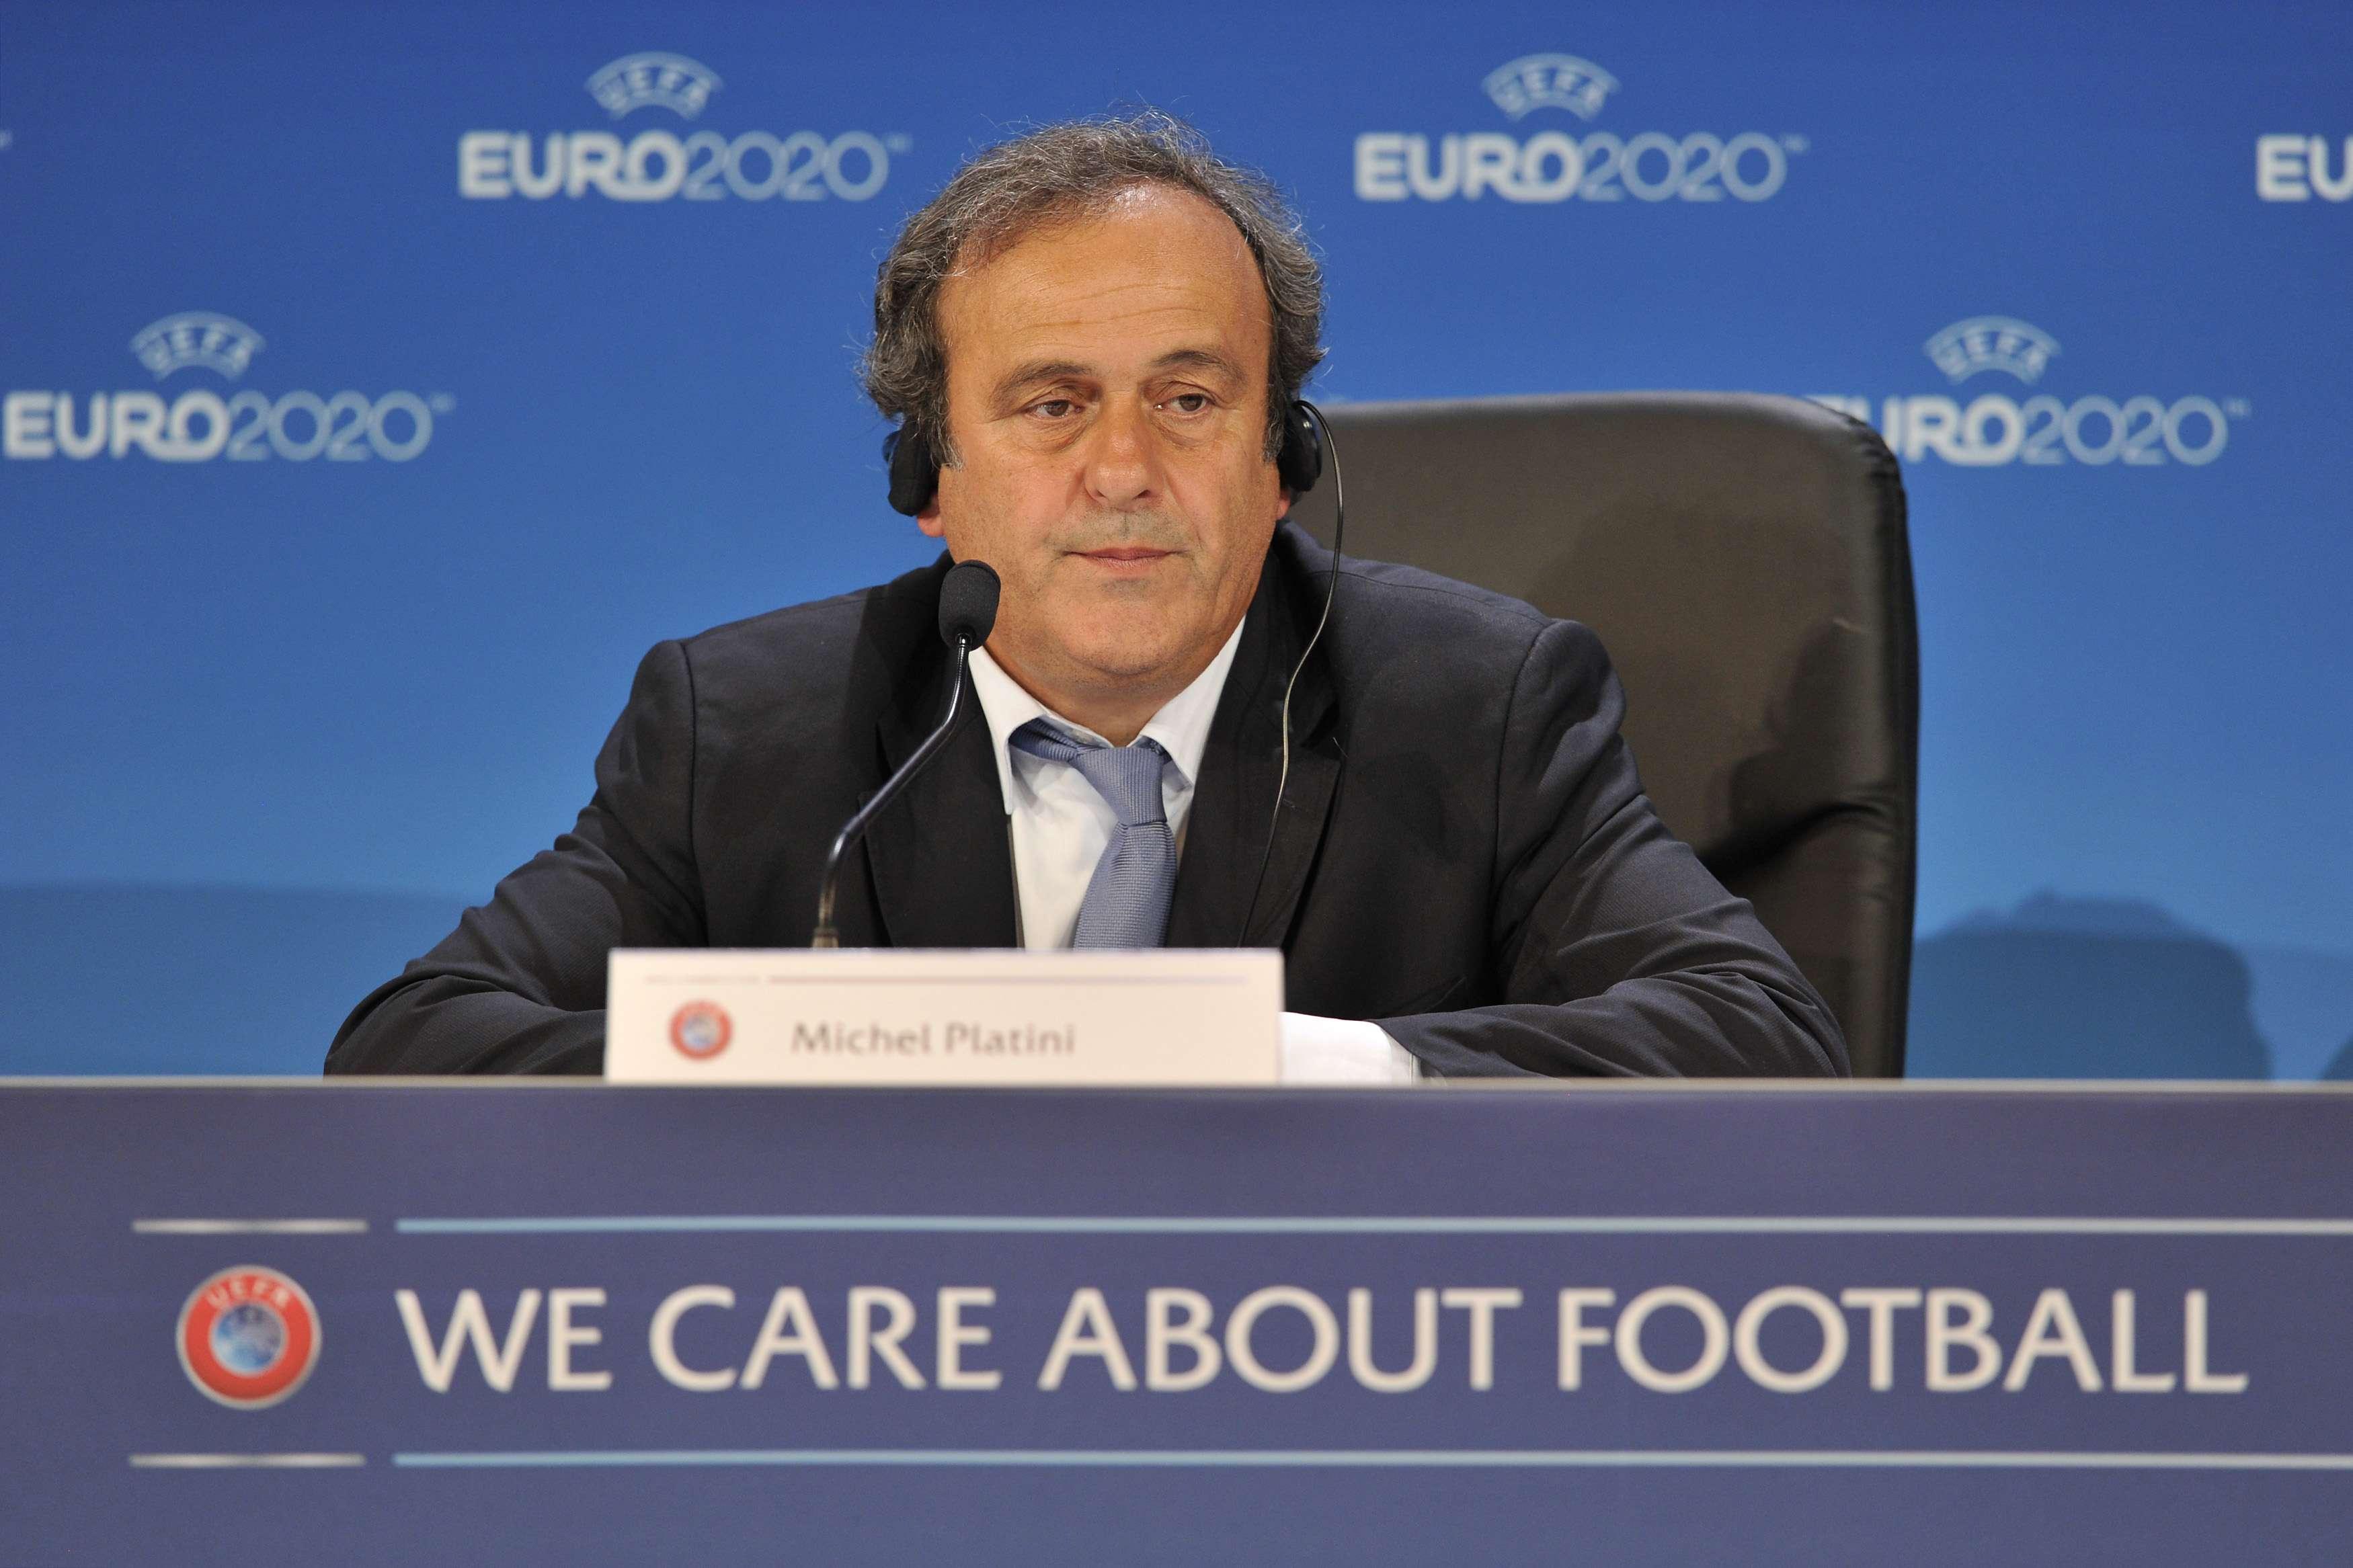 Platini quiere erradicar los malos manejos de fútbol. Foto: Getty Images